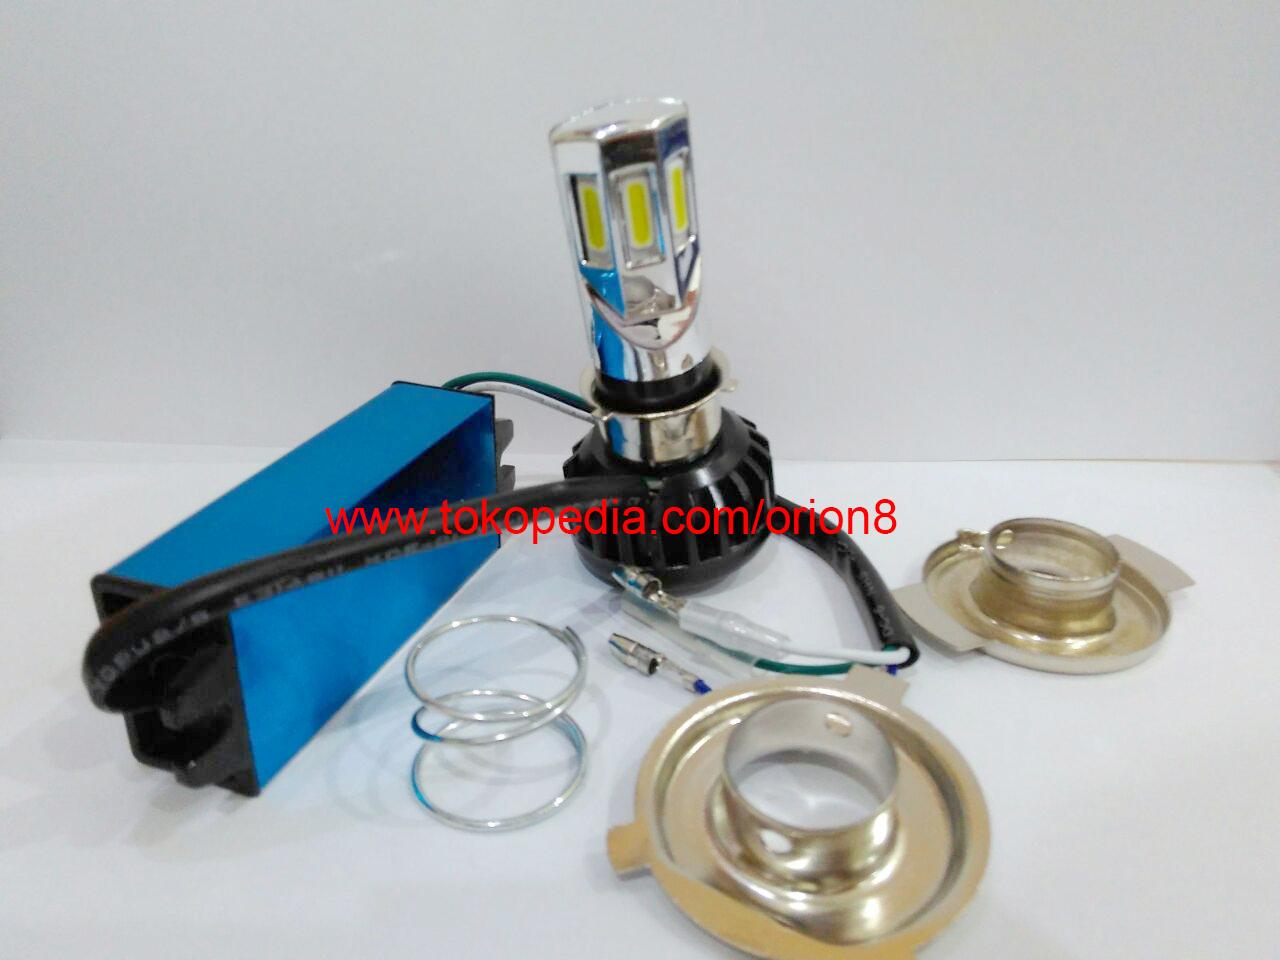 Lampu Utama Led 6 Sisi Ac Dc Nyala Kuning Semua Motor Daftar Harga Rtd Atau Headlamp A0400 Headlight Super Untuk